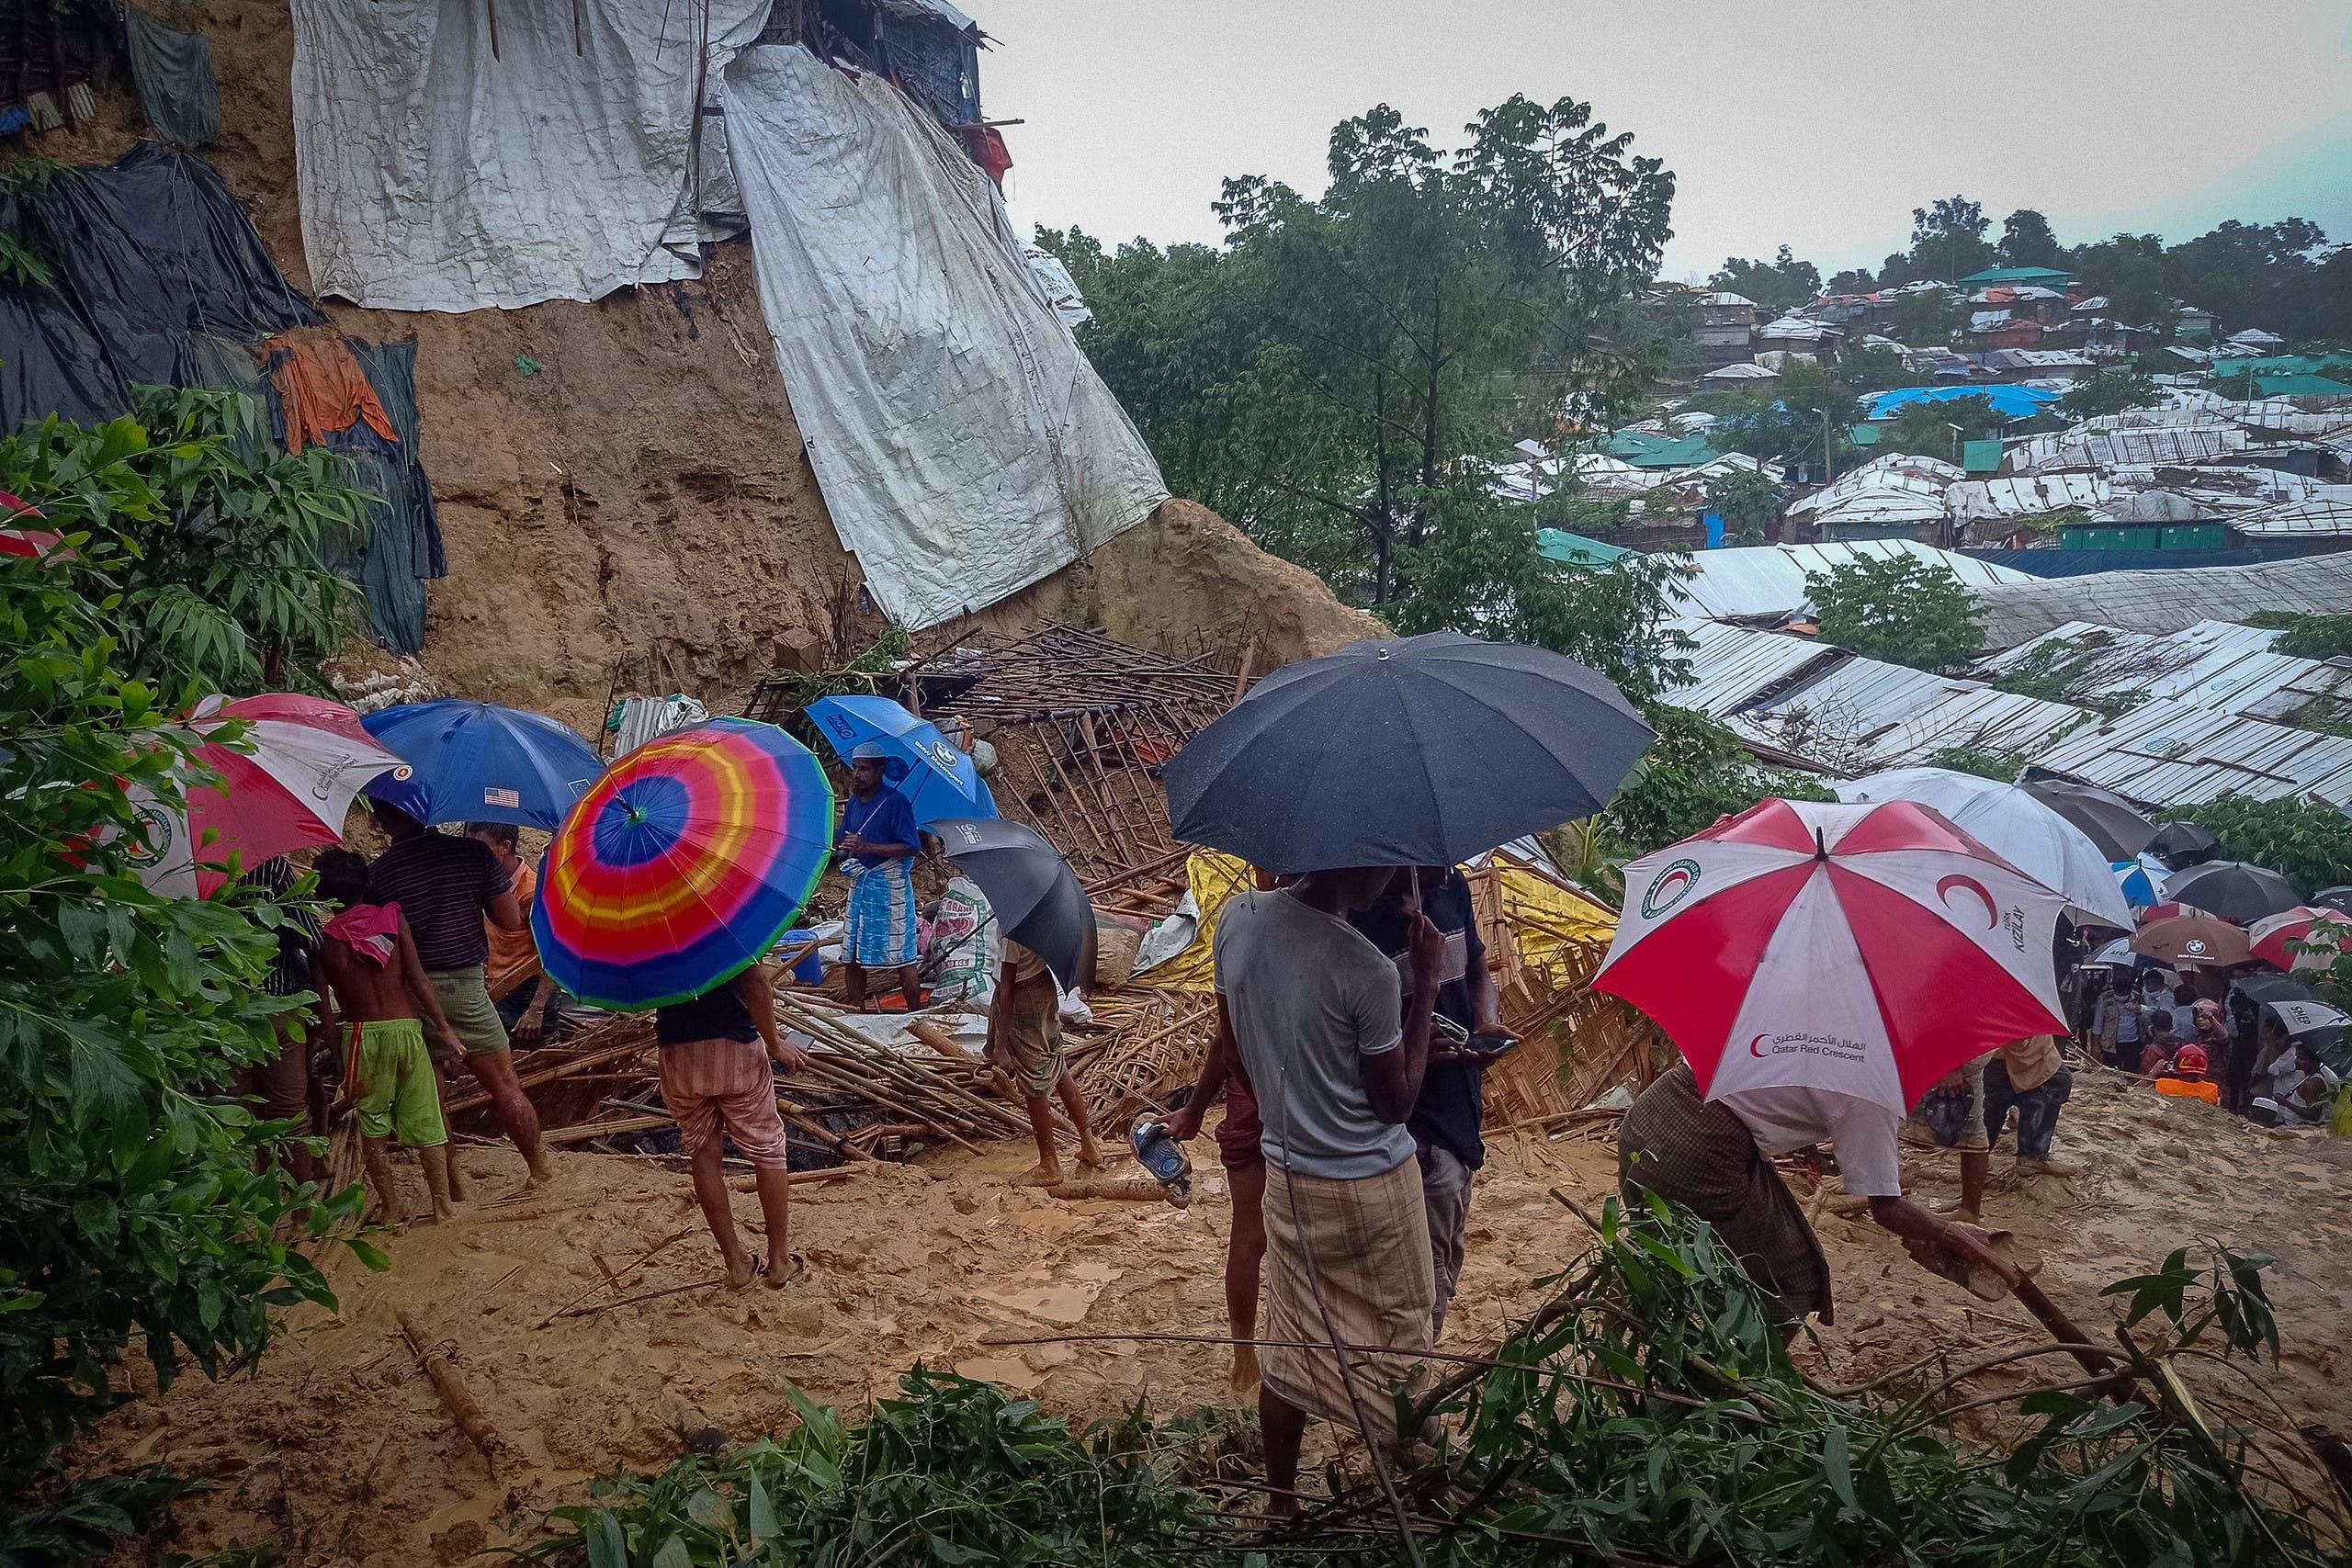 انزلاق تربة في مخيم للاجئين الروهينغا في بنغلادش